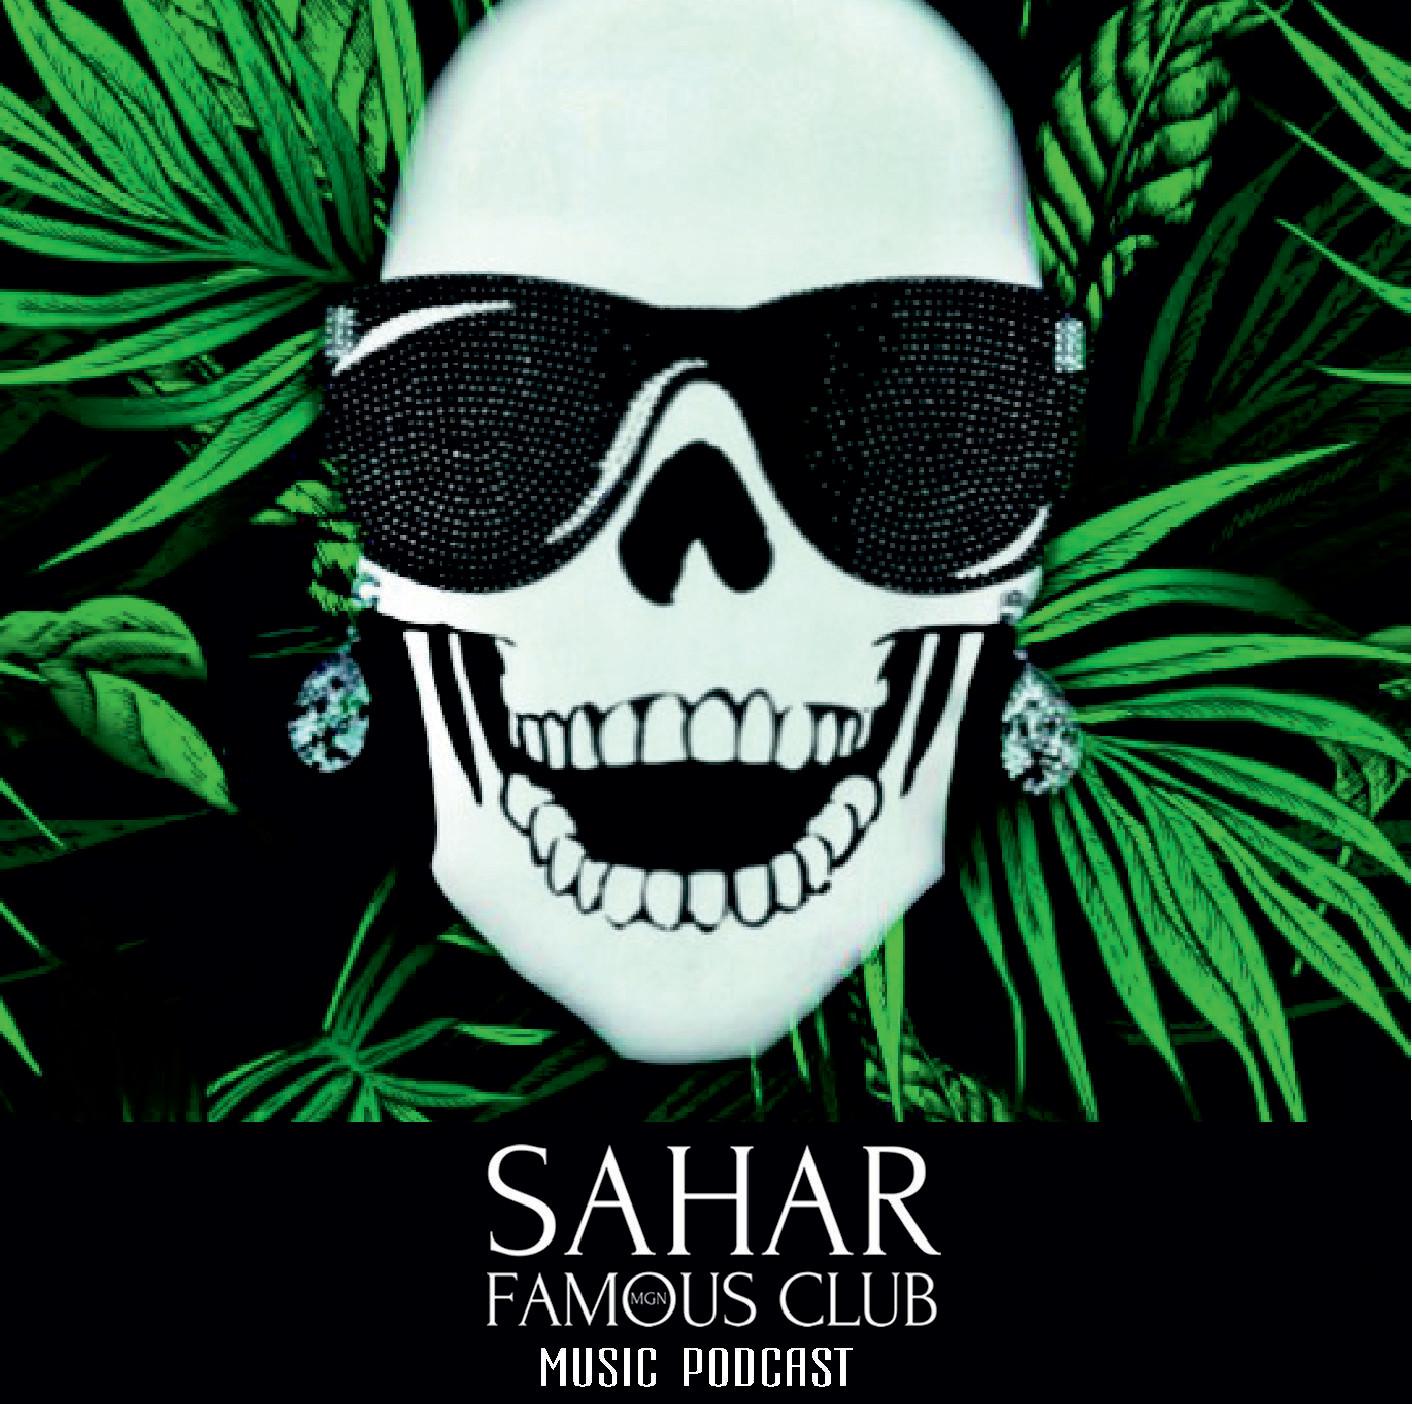 SAHAR FAMOUS CLUB